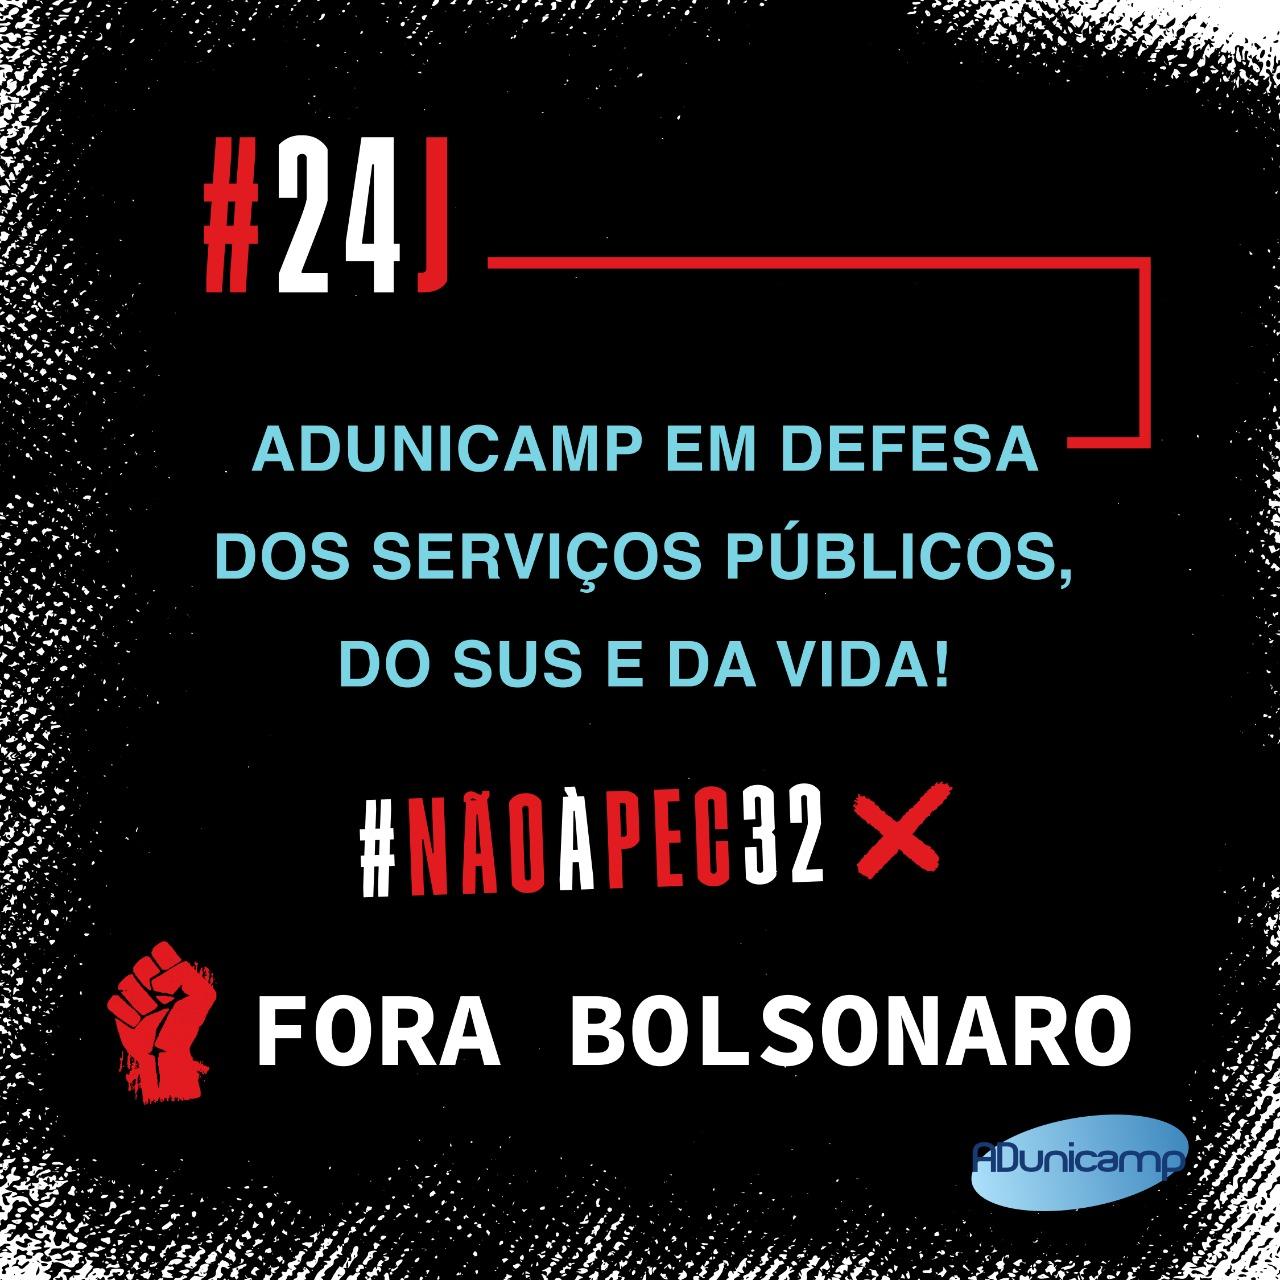 24j — ADunicamp CLIPPING | Nº 144 | DE 15 A 23 DE JULHO — ADunicamp